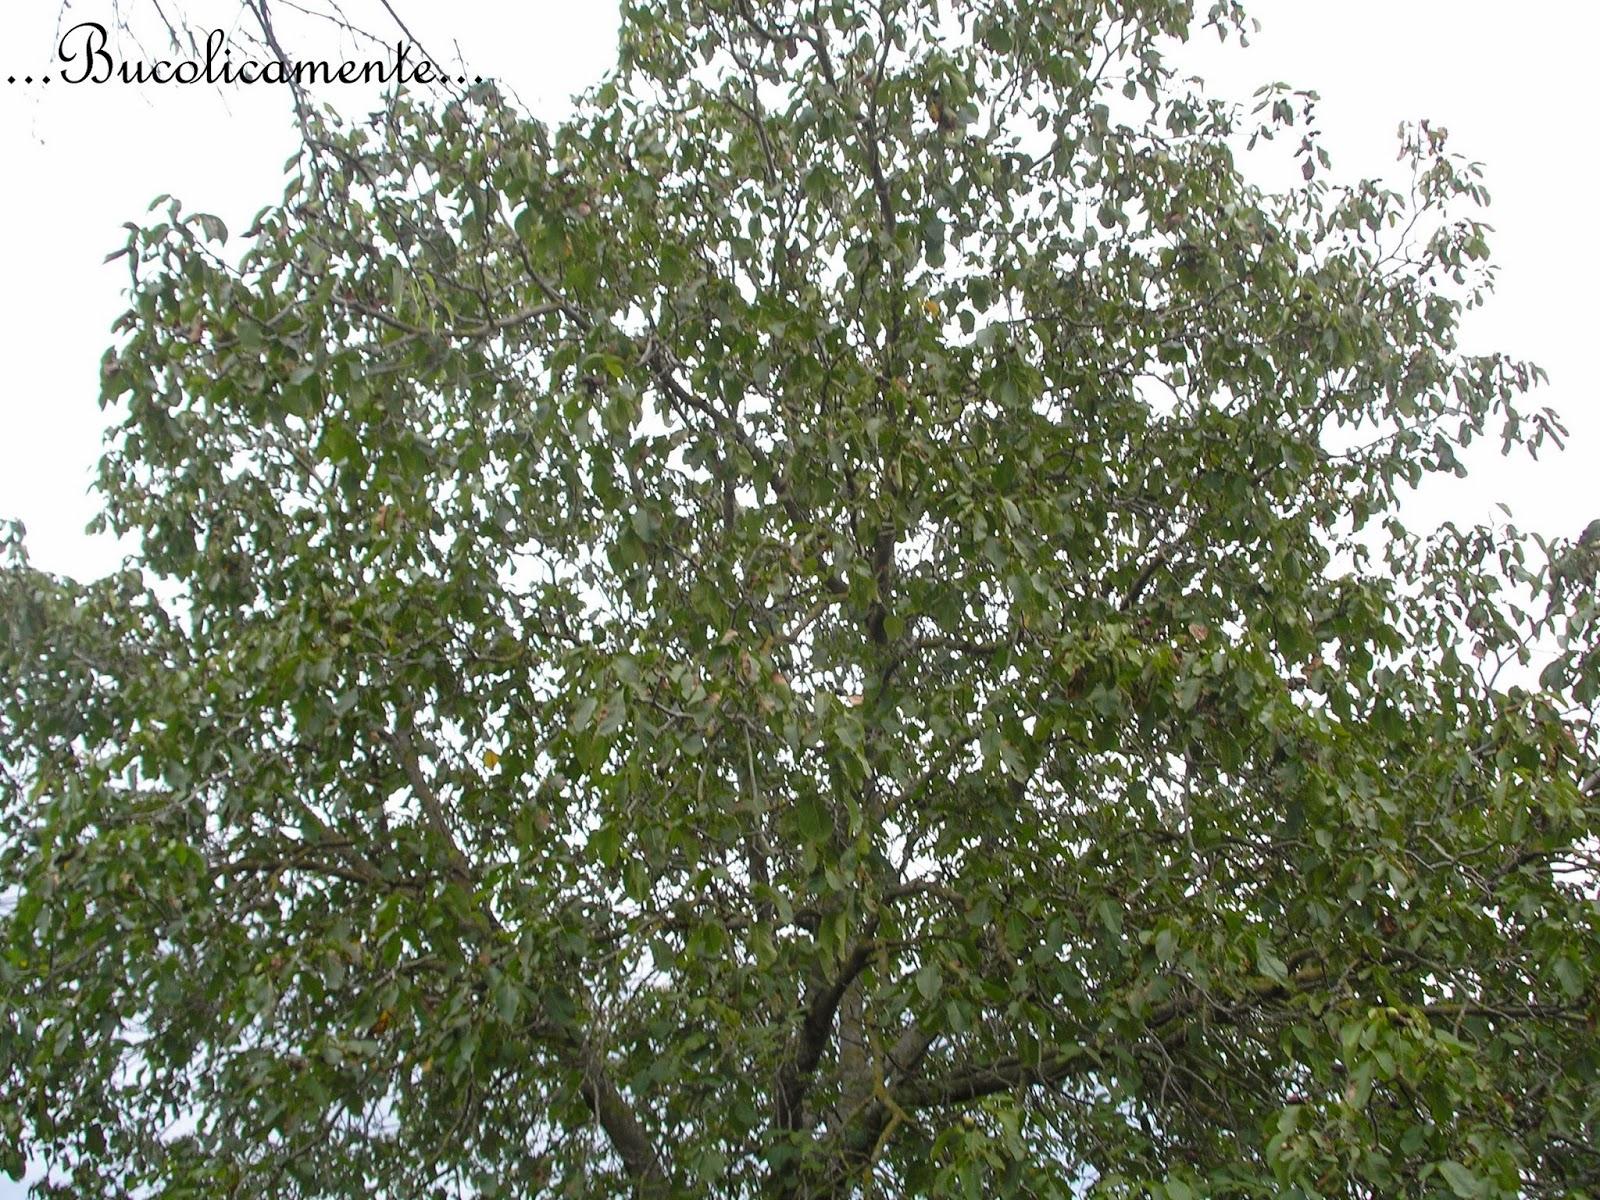 Piante Di Noce : Bucolicamente alberi da frutto il noce